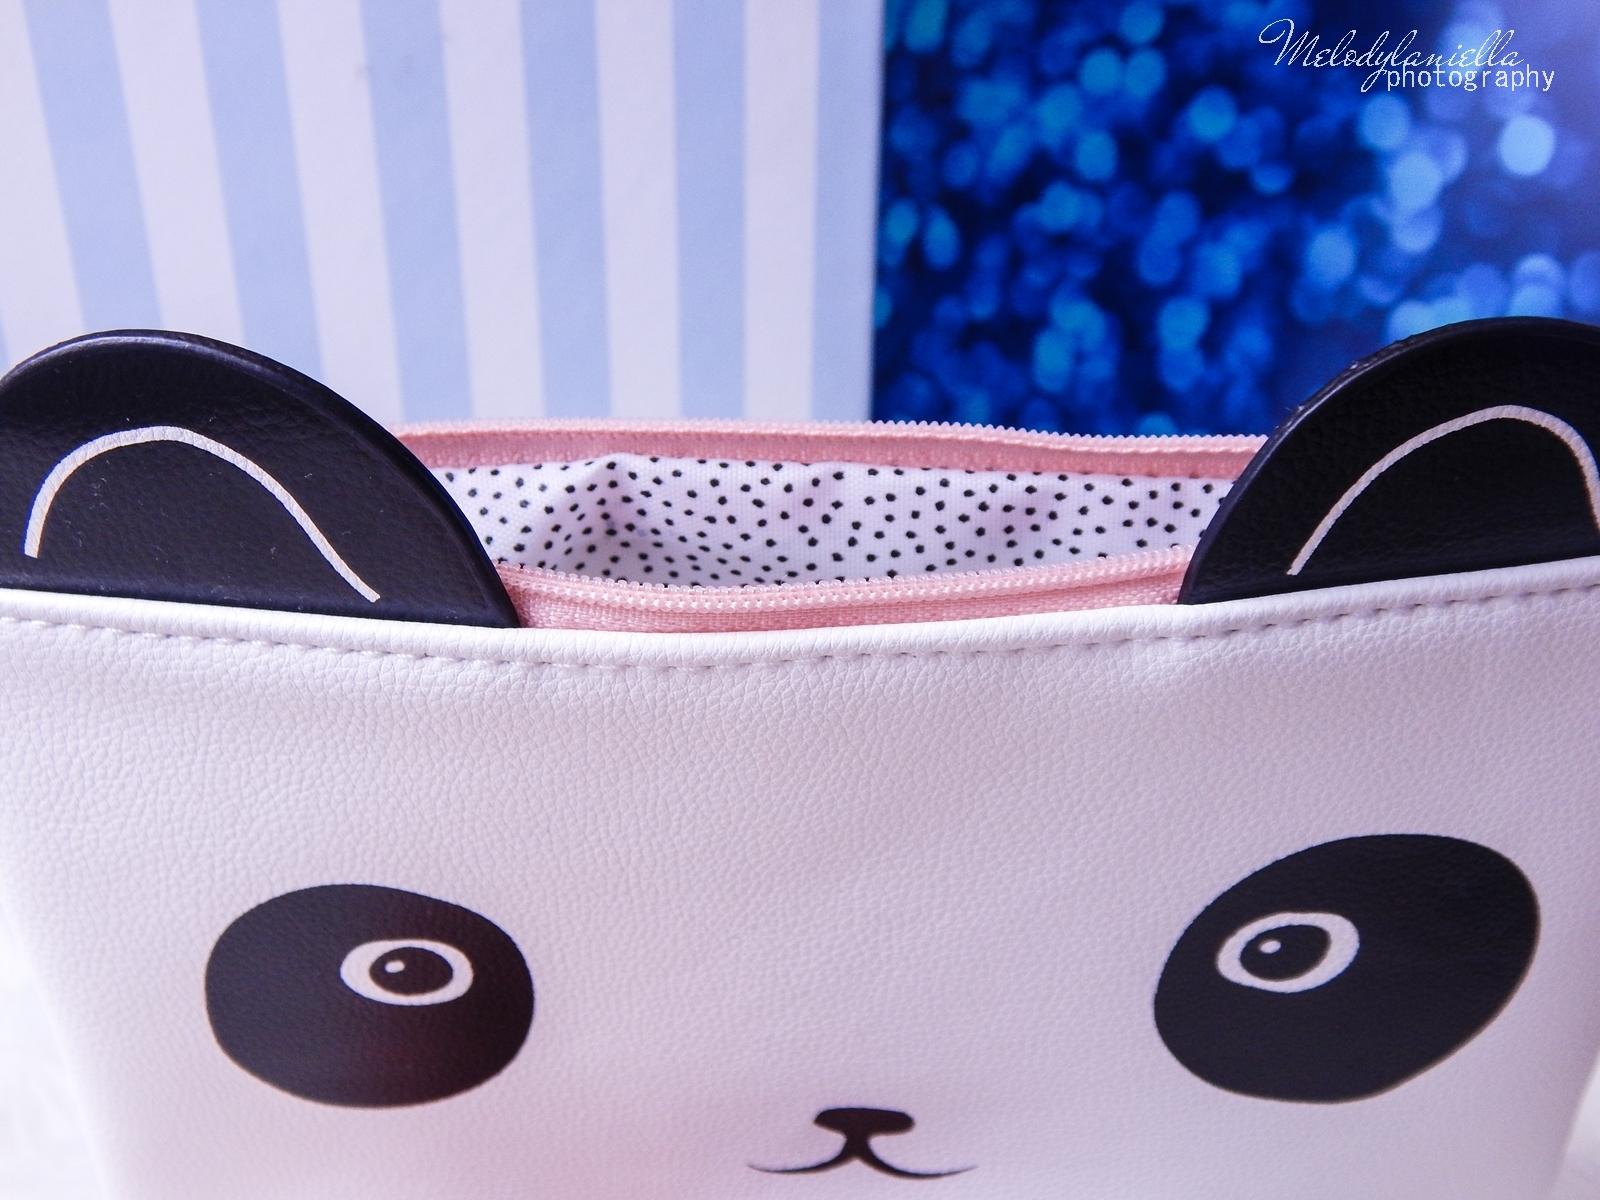 10 Oh! K Life koreańskie kosmetyki i gadżety słodkie dziewczęce dodatki maska do twarzy panda kosmetyczka w kształcie pandy lodowe płatki chłodzące okłady na oczy przeciw sińcom jak pozbyć się sińców pod oczami